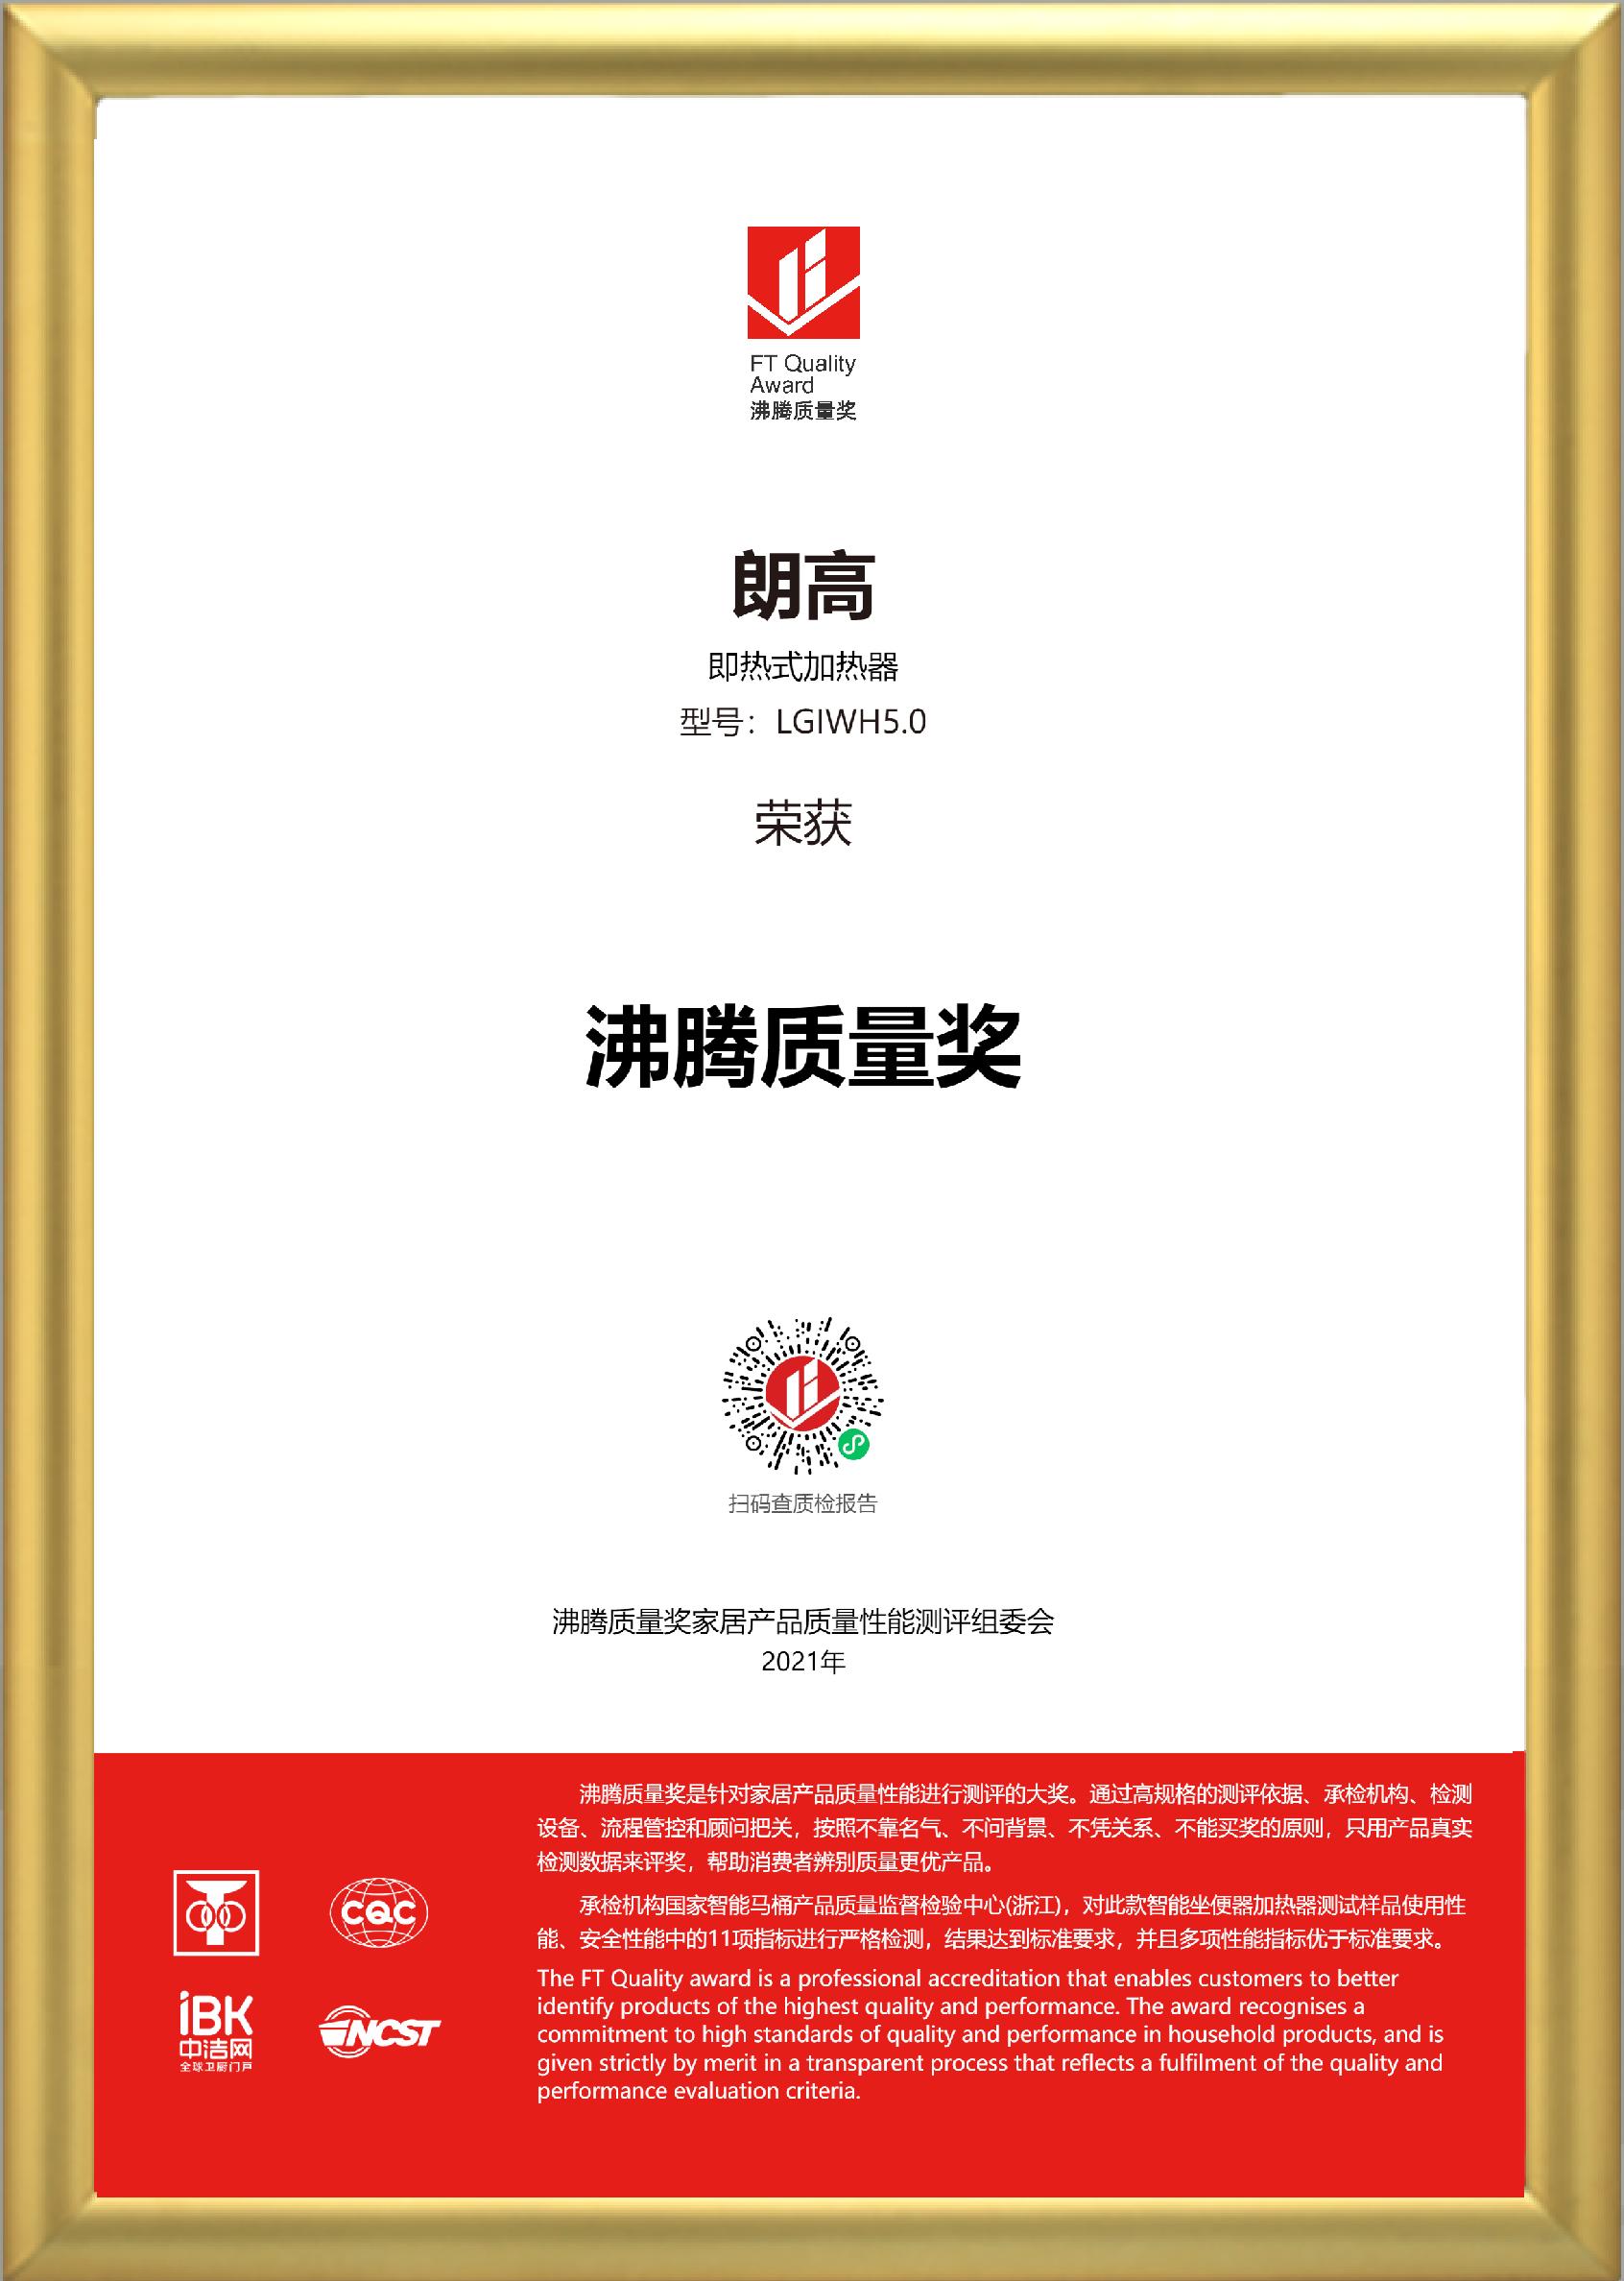 金框加持-获奖证书-朗高-即热式加热器-LGIWH5.0.png